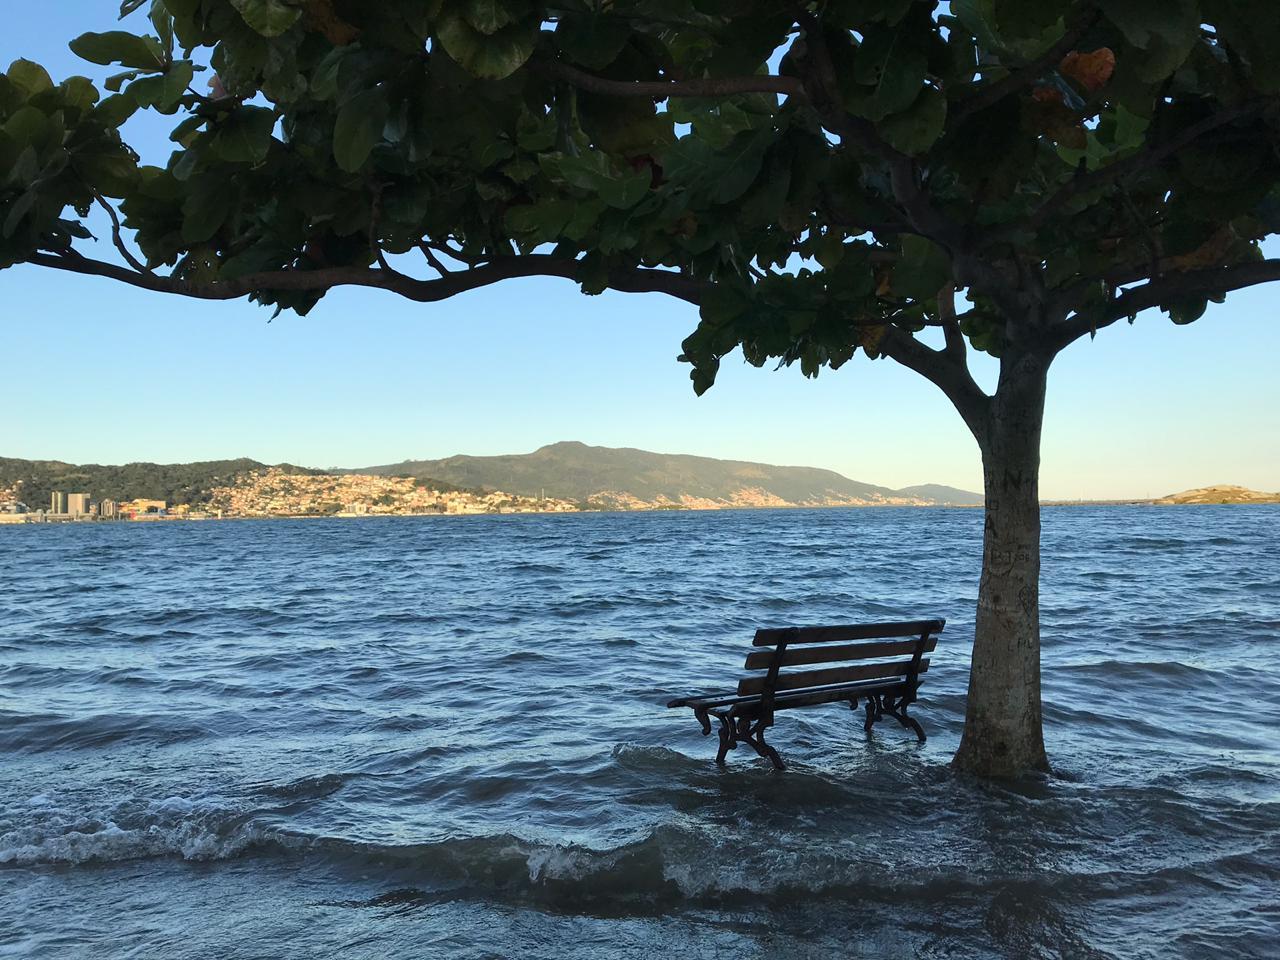 Parque de Coqueiros, no Continente, foi mais uma área afetada com a maré alta - Anderson Coelho/ND